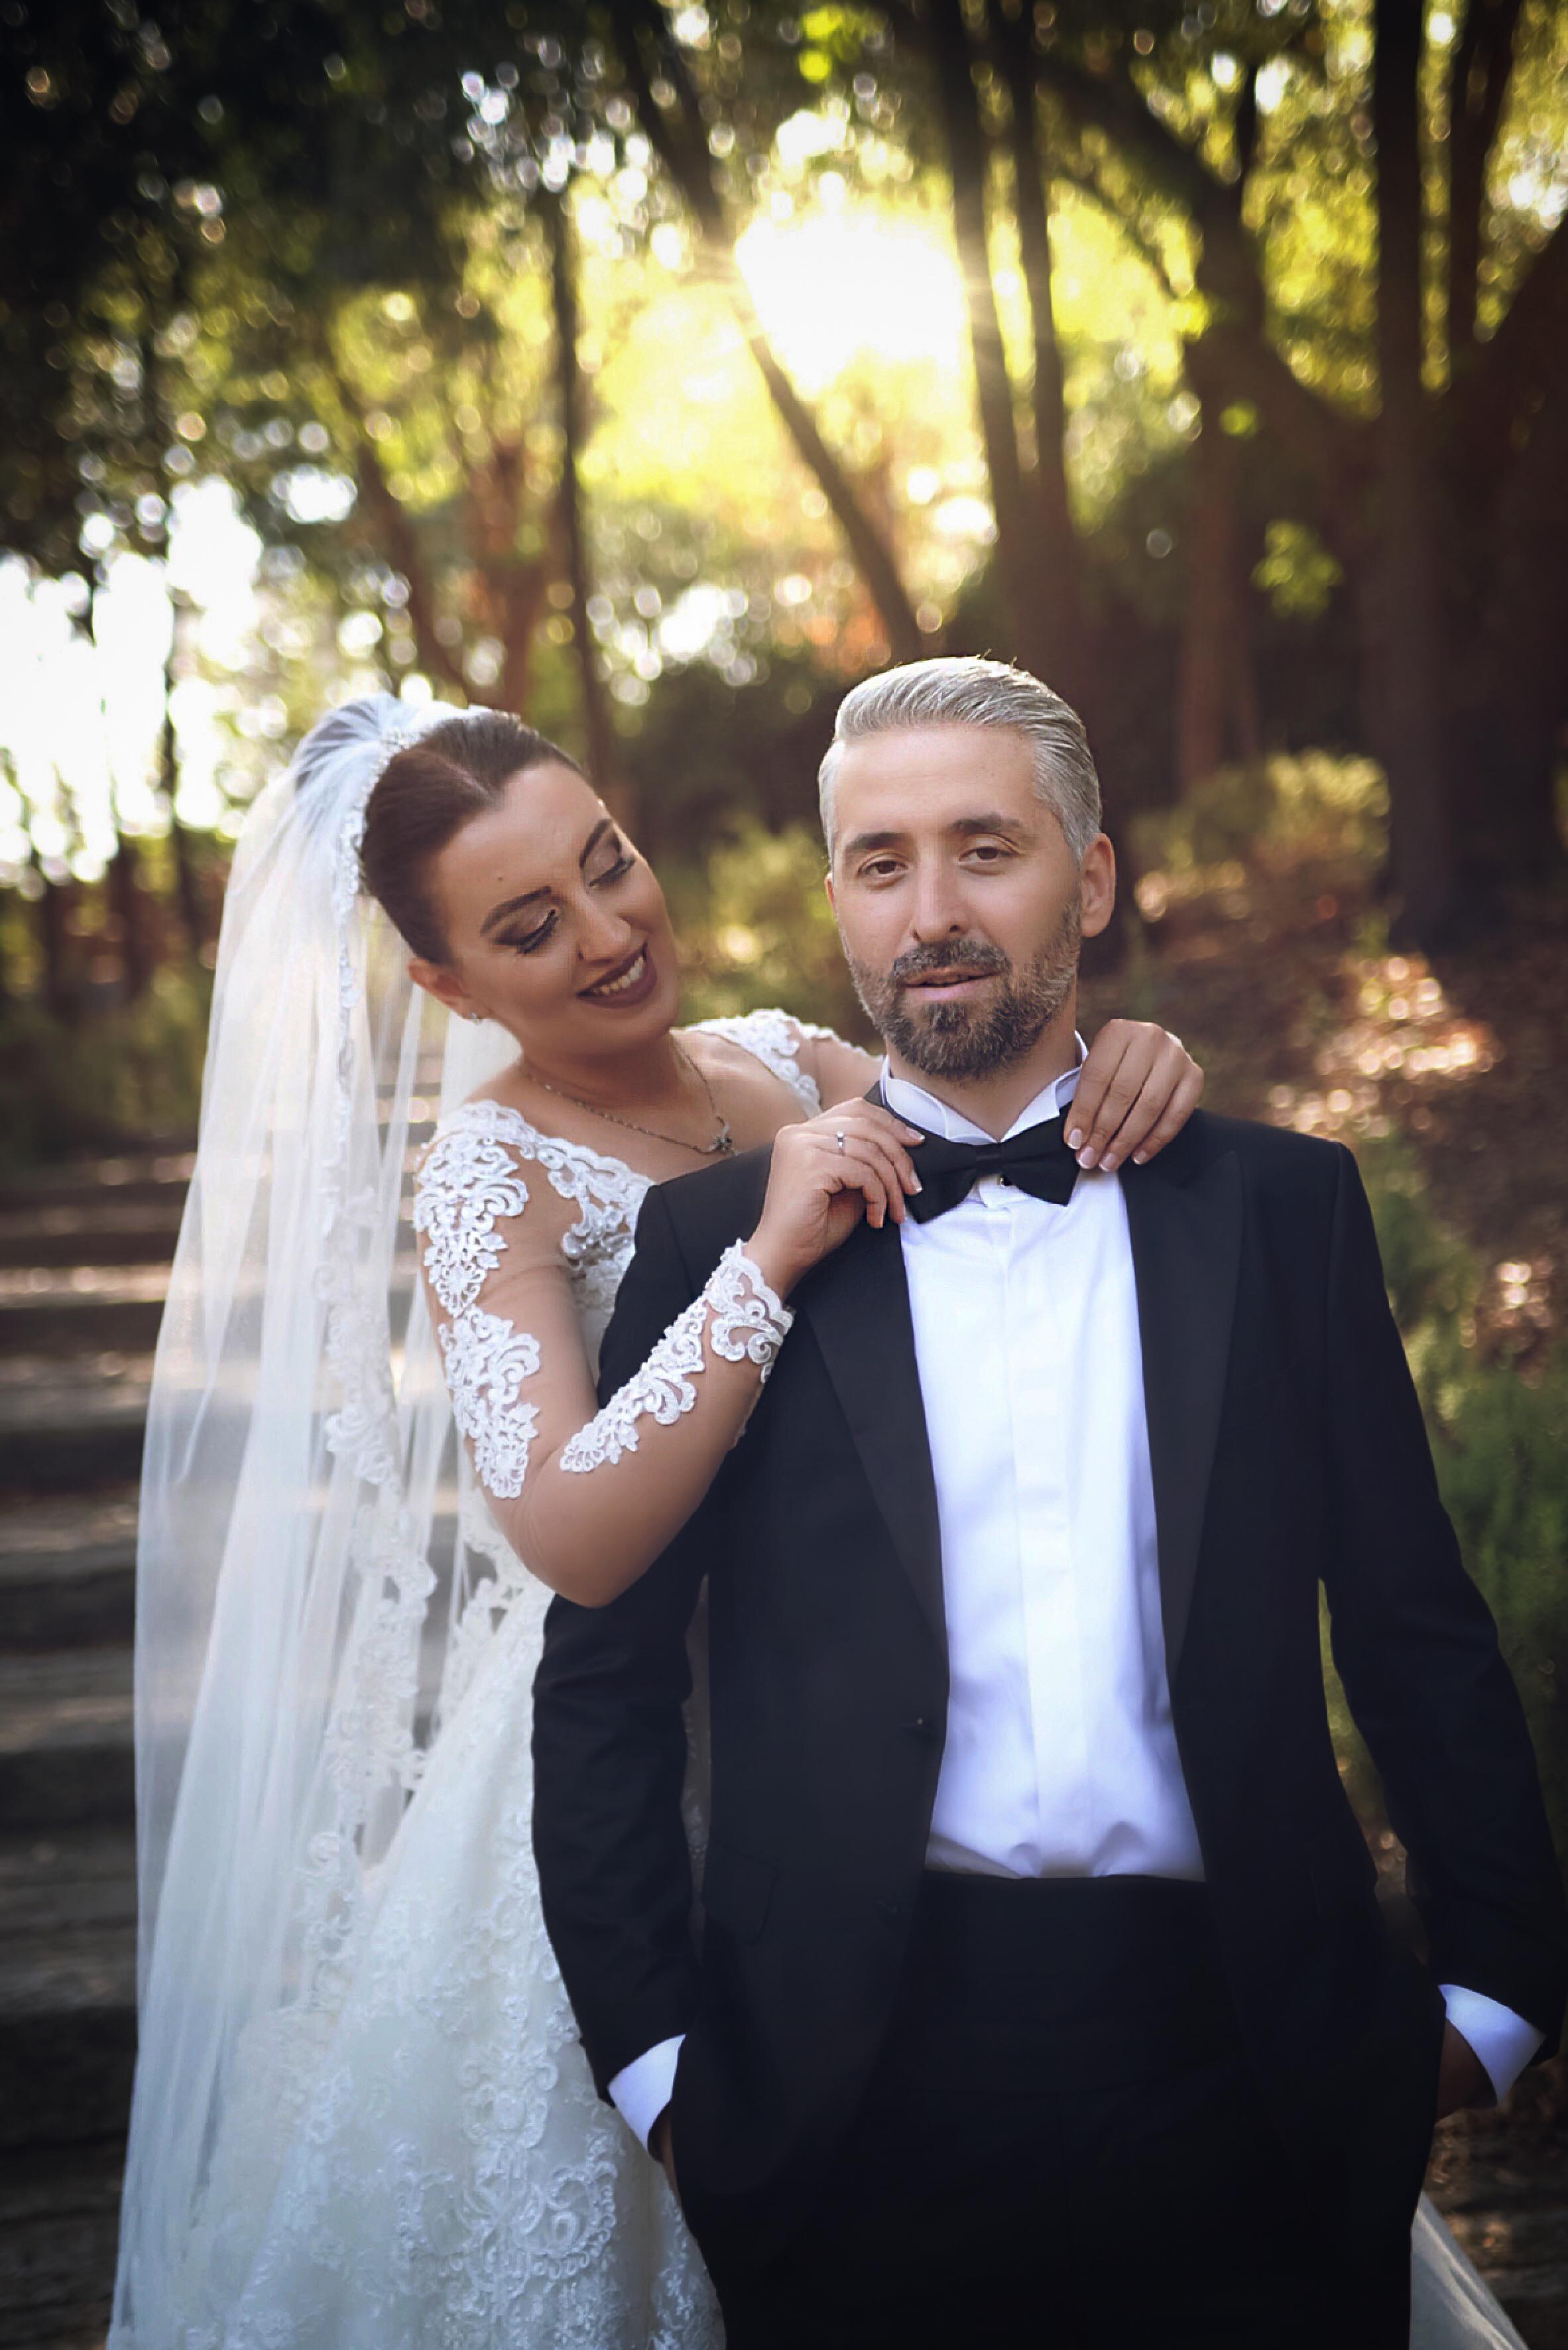 Yildiz parki düğün fotoğraf çekimi